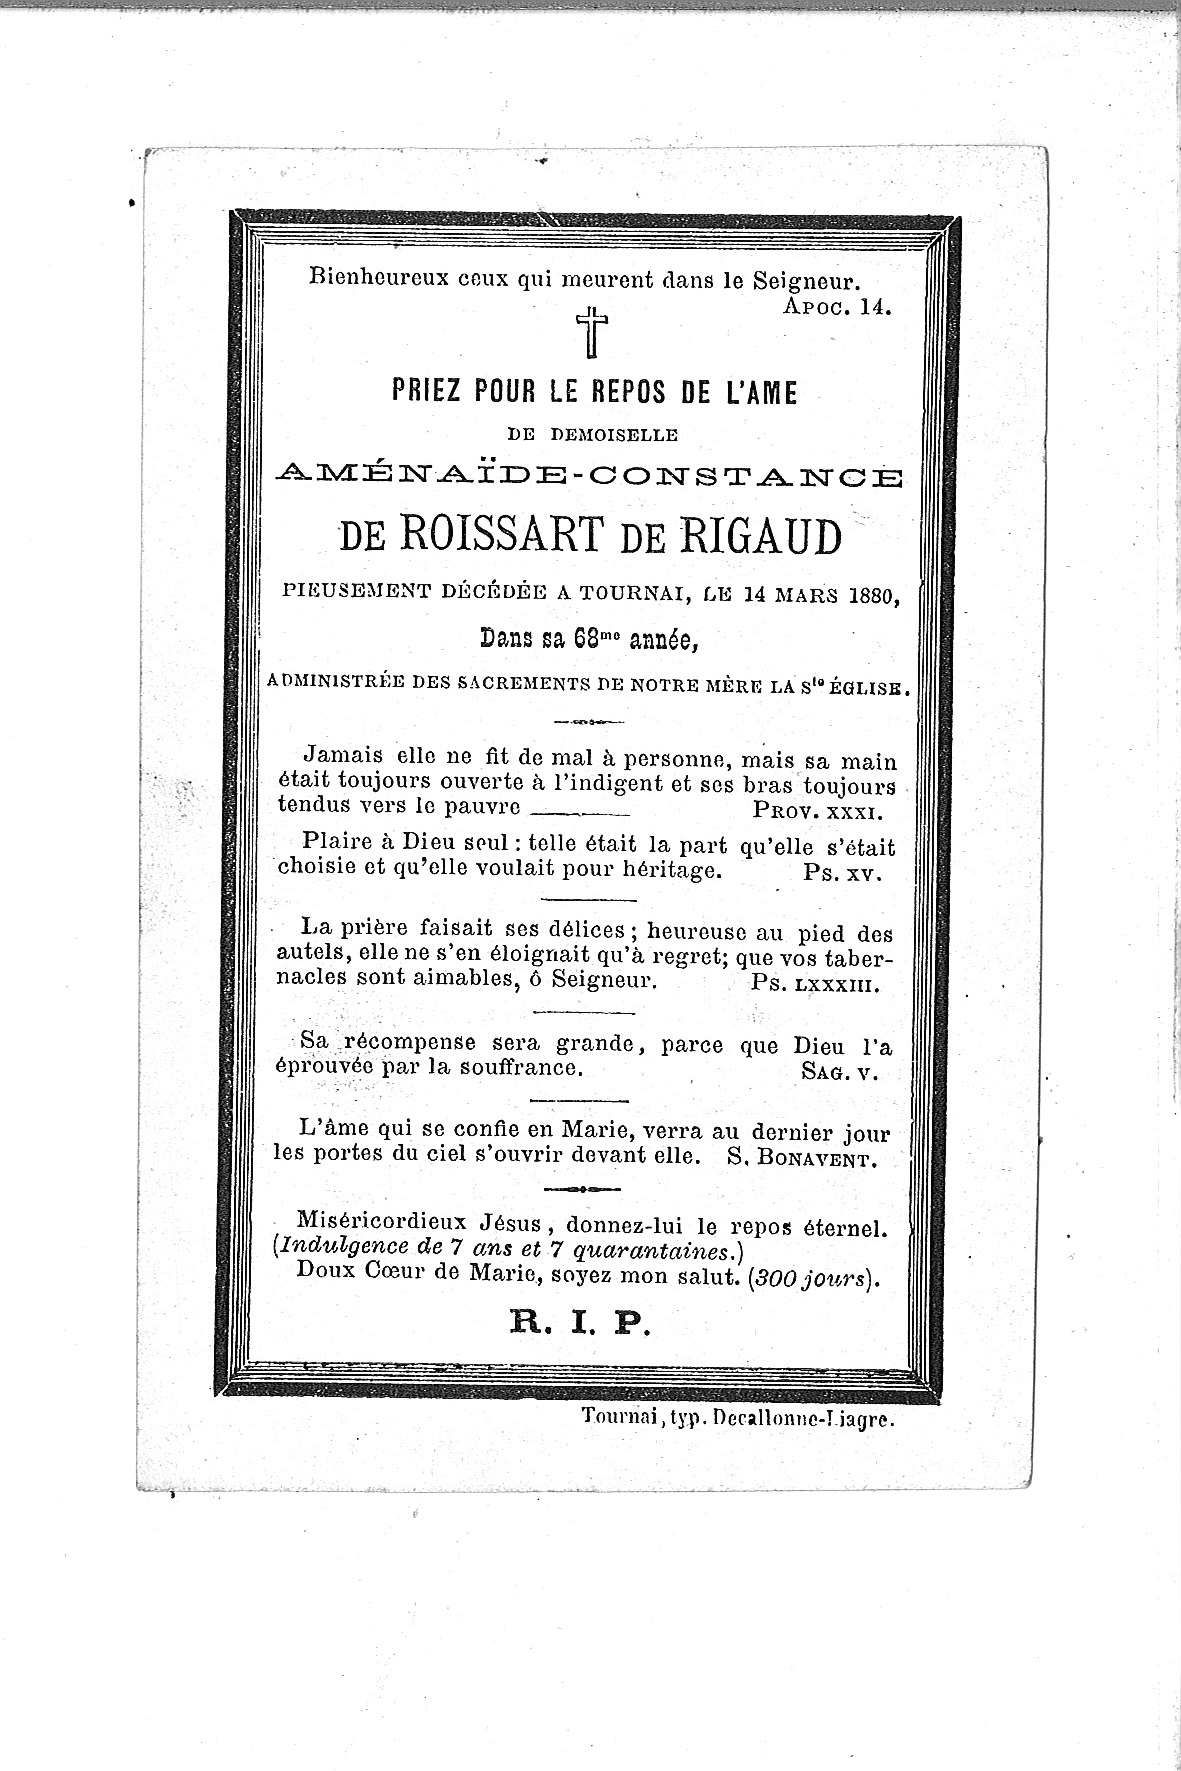 Aménaïde-Constance-(1880)-20120814085427_00253.jpg